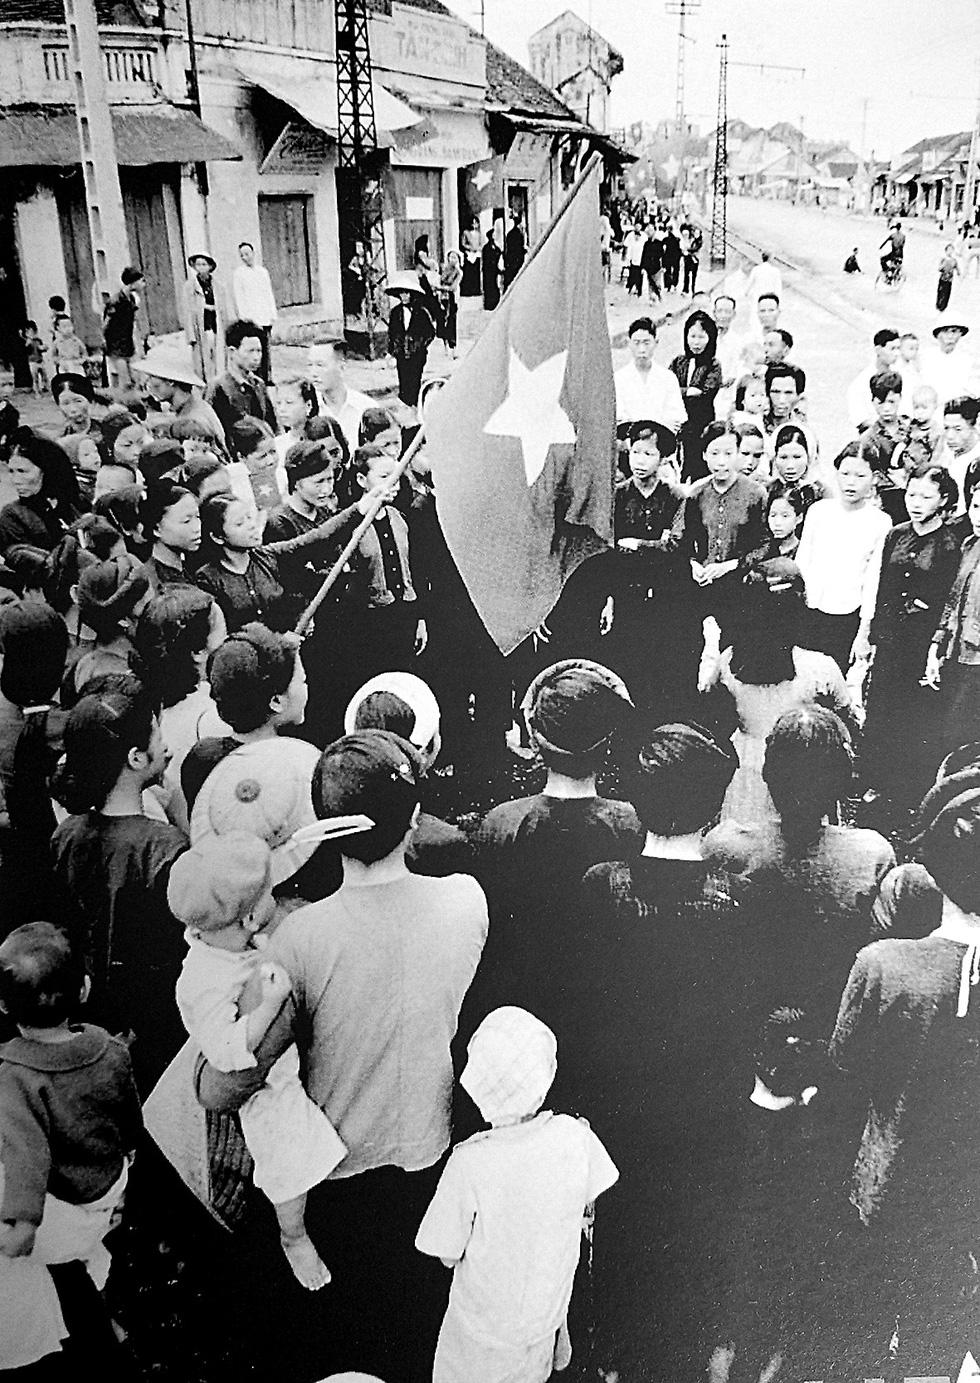 Kỷ niệm 65 năm ngày giải phóng Thủ đô: Hà Nội, ngày đoàn hùng binh khải hoàn - Ảnh 5.